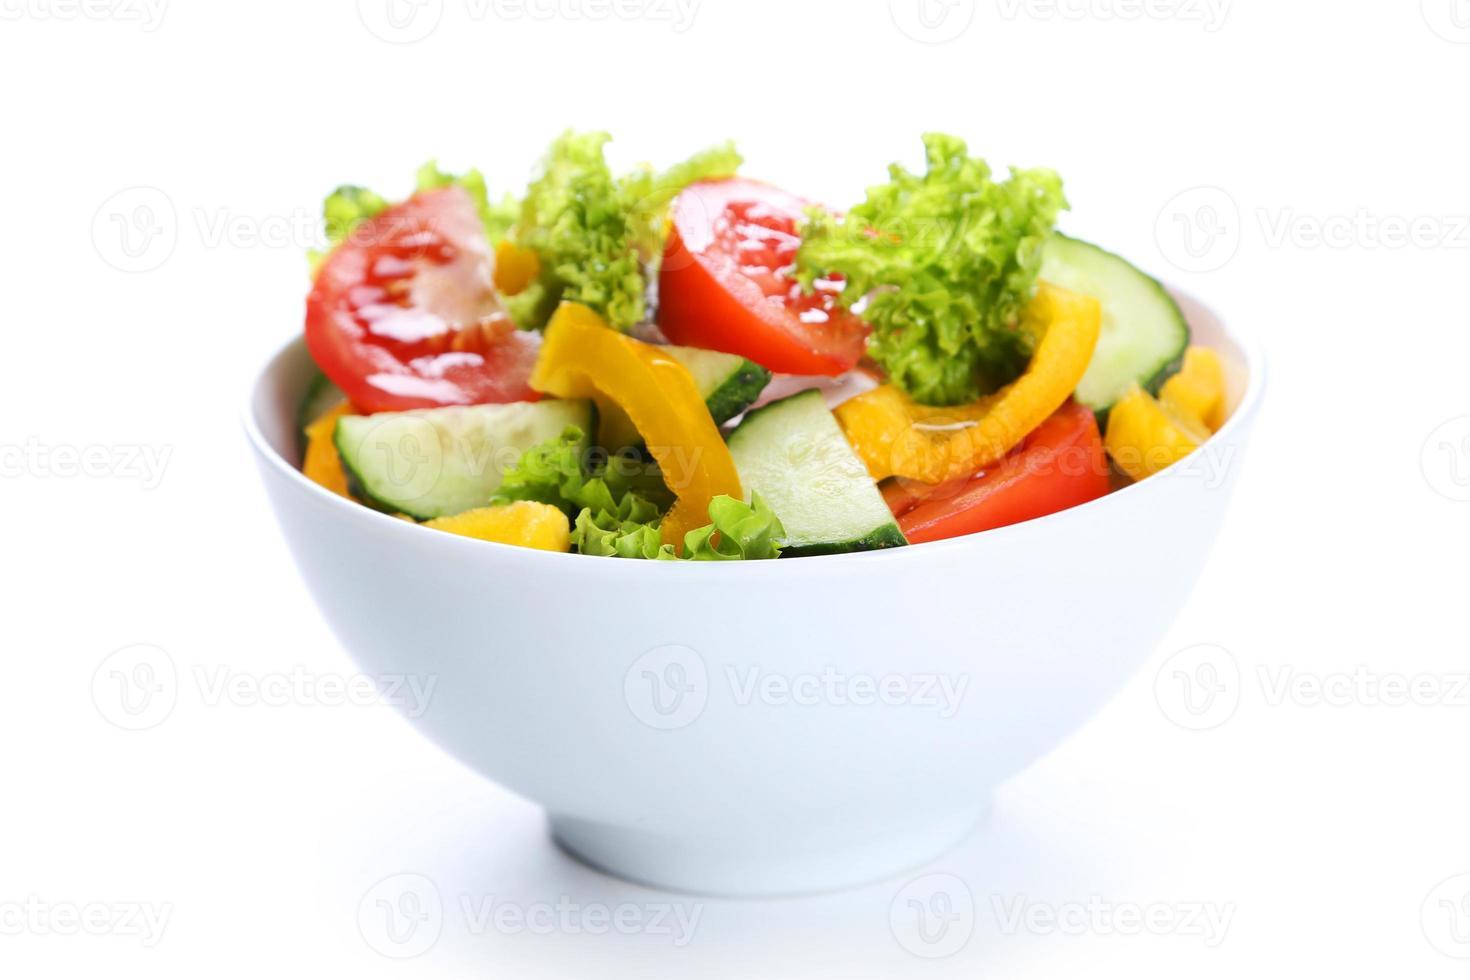 frischer Gemüsesalat isoliert auf weiß foto